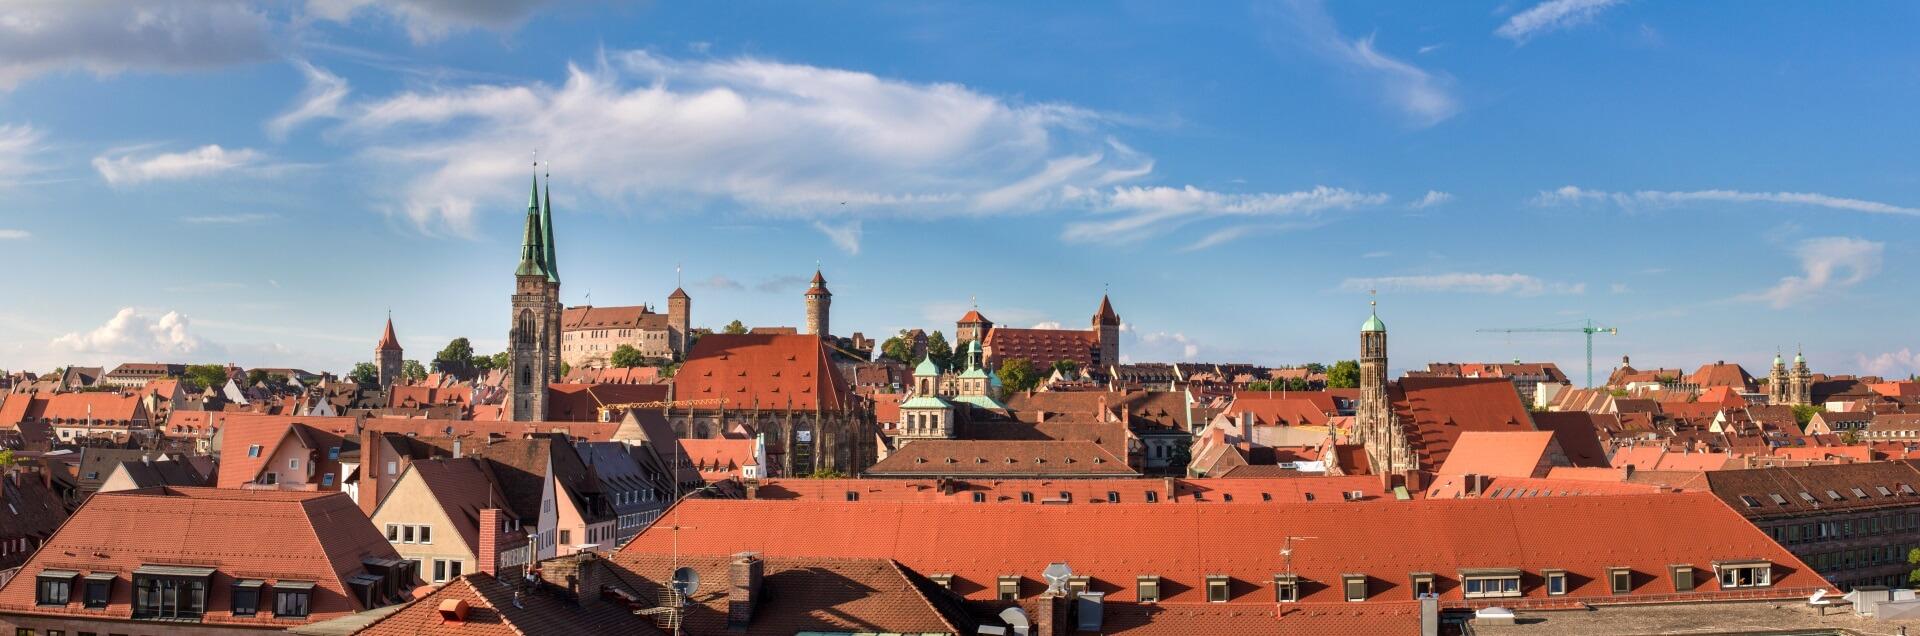 Nürnberg Städtereisen Panorama Stadtteile